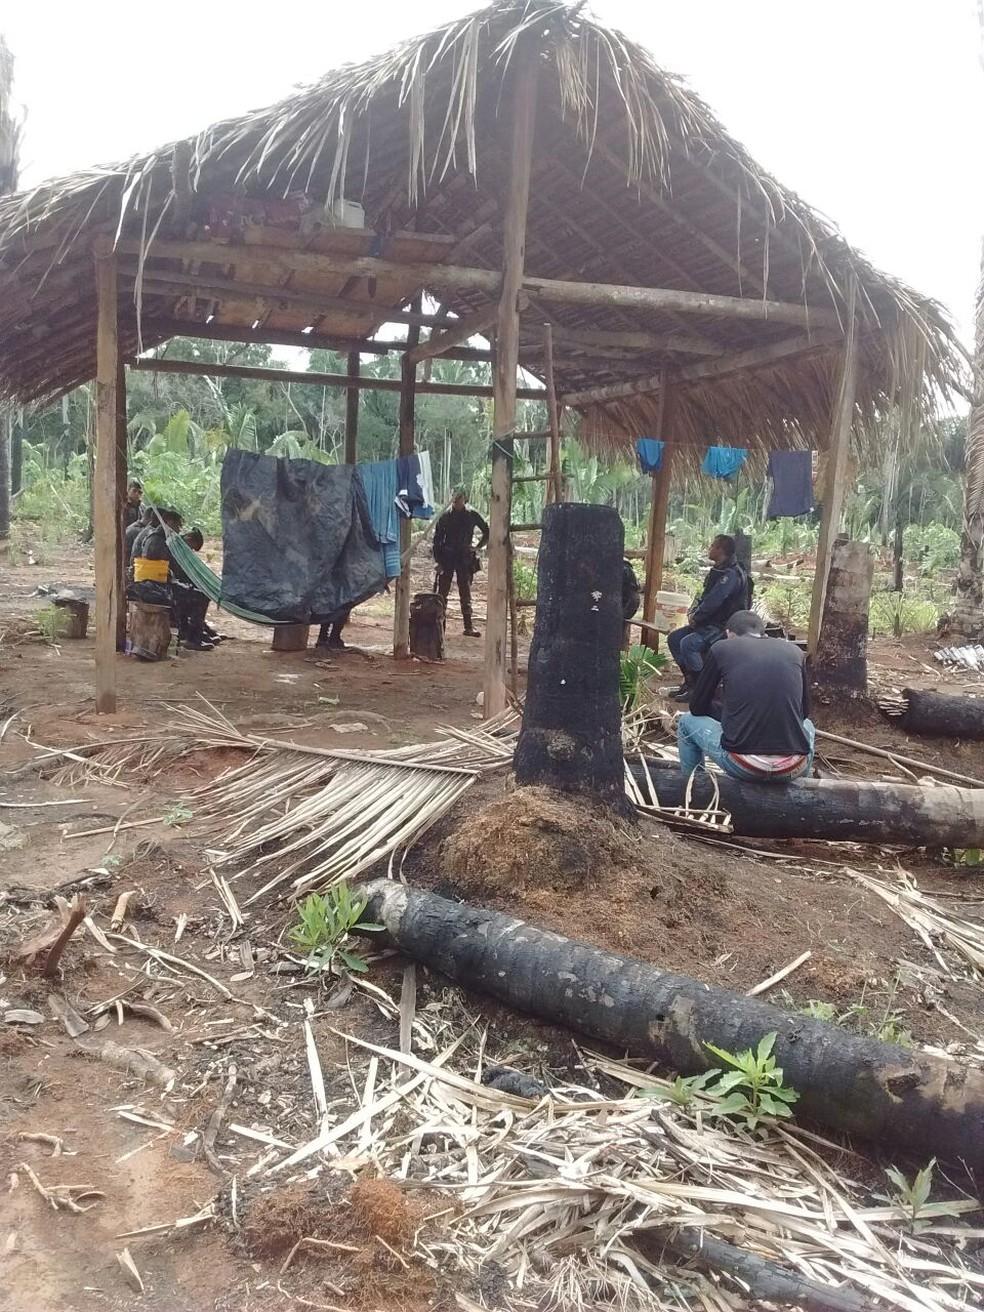 Buscas estão sendo feitas em área de conflito de terra (Foto: PM/Divulgação)